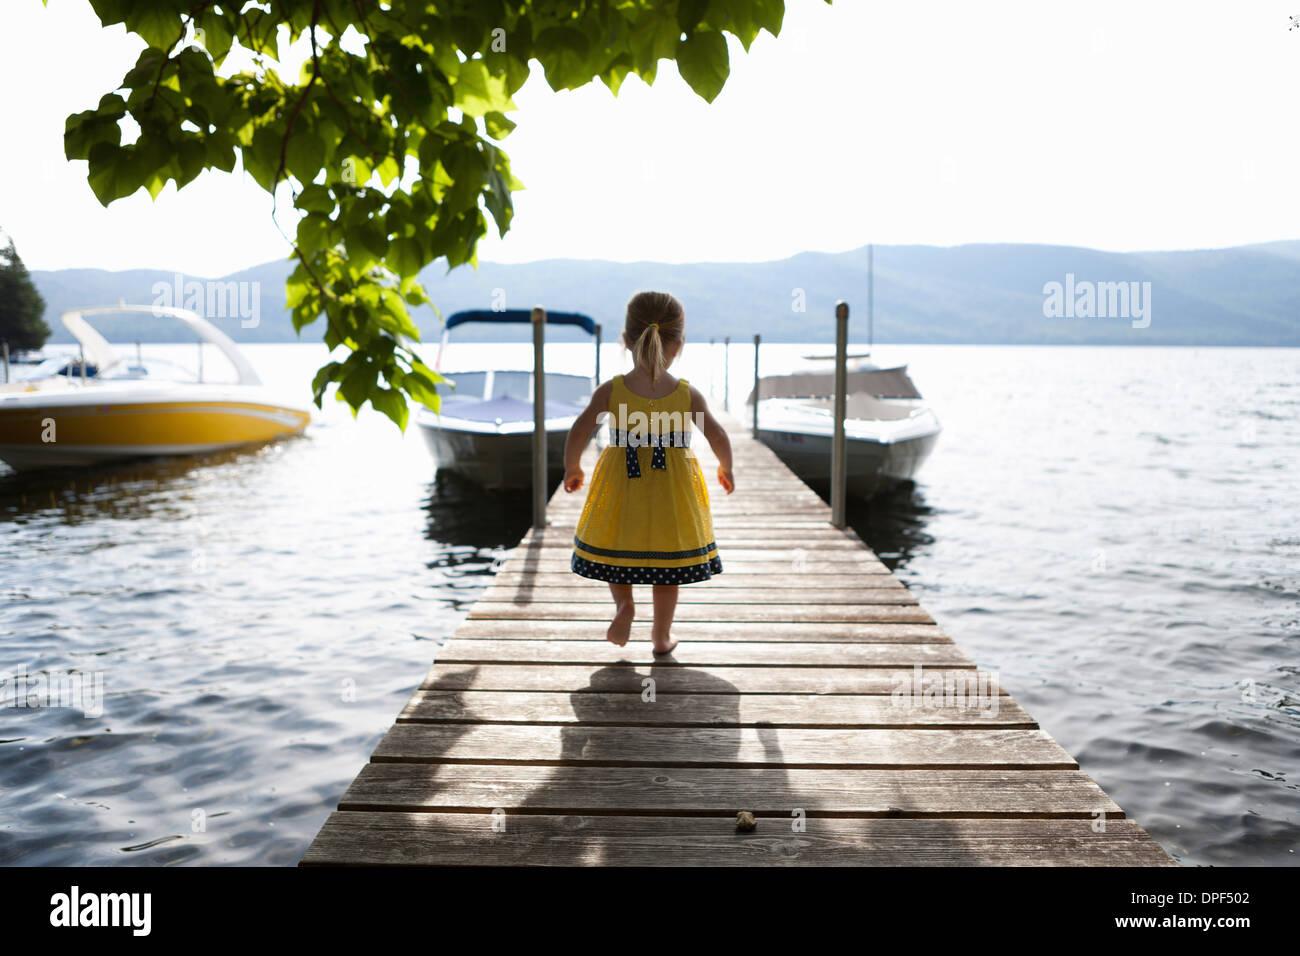 Crianças do sexo feminino explorar pier, Silver Bay, Nova Iorque, ESTADOS UNIDOS DA AMÉRICA Imagens de Stock